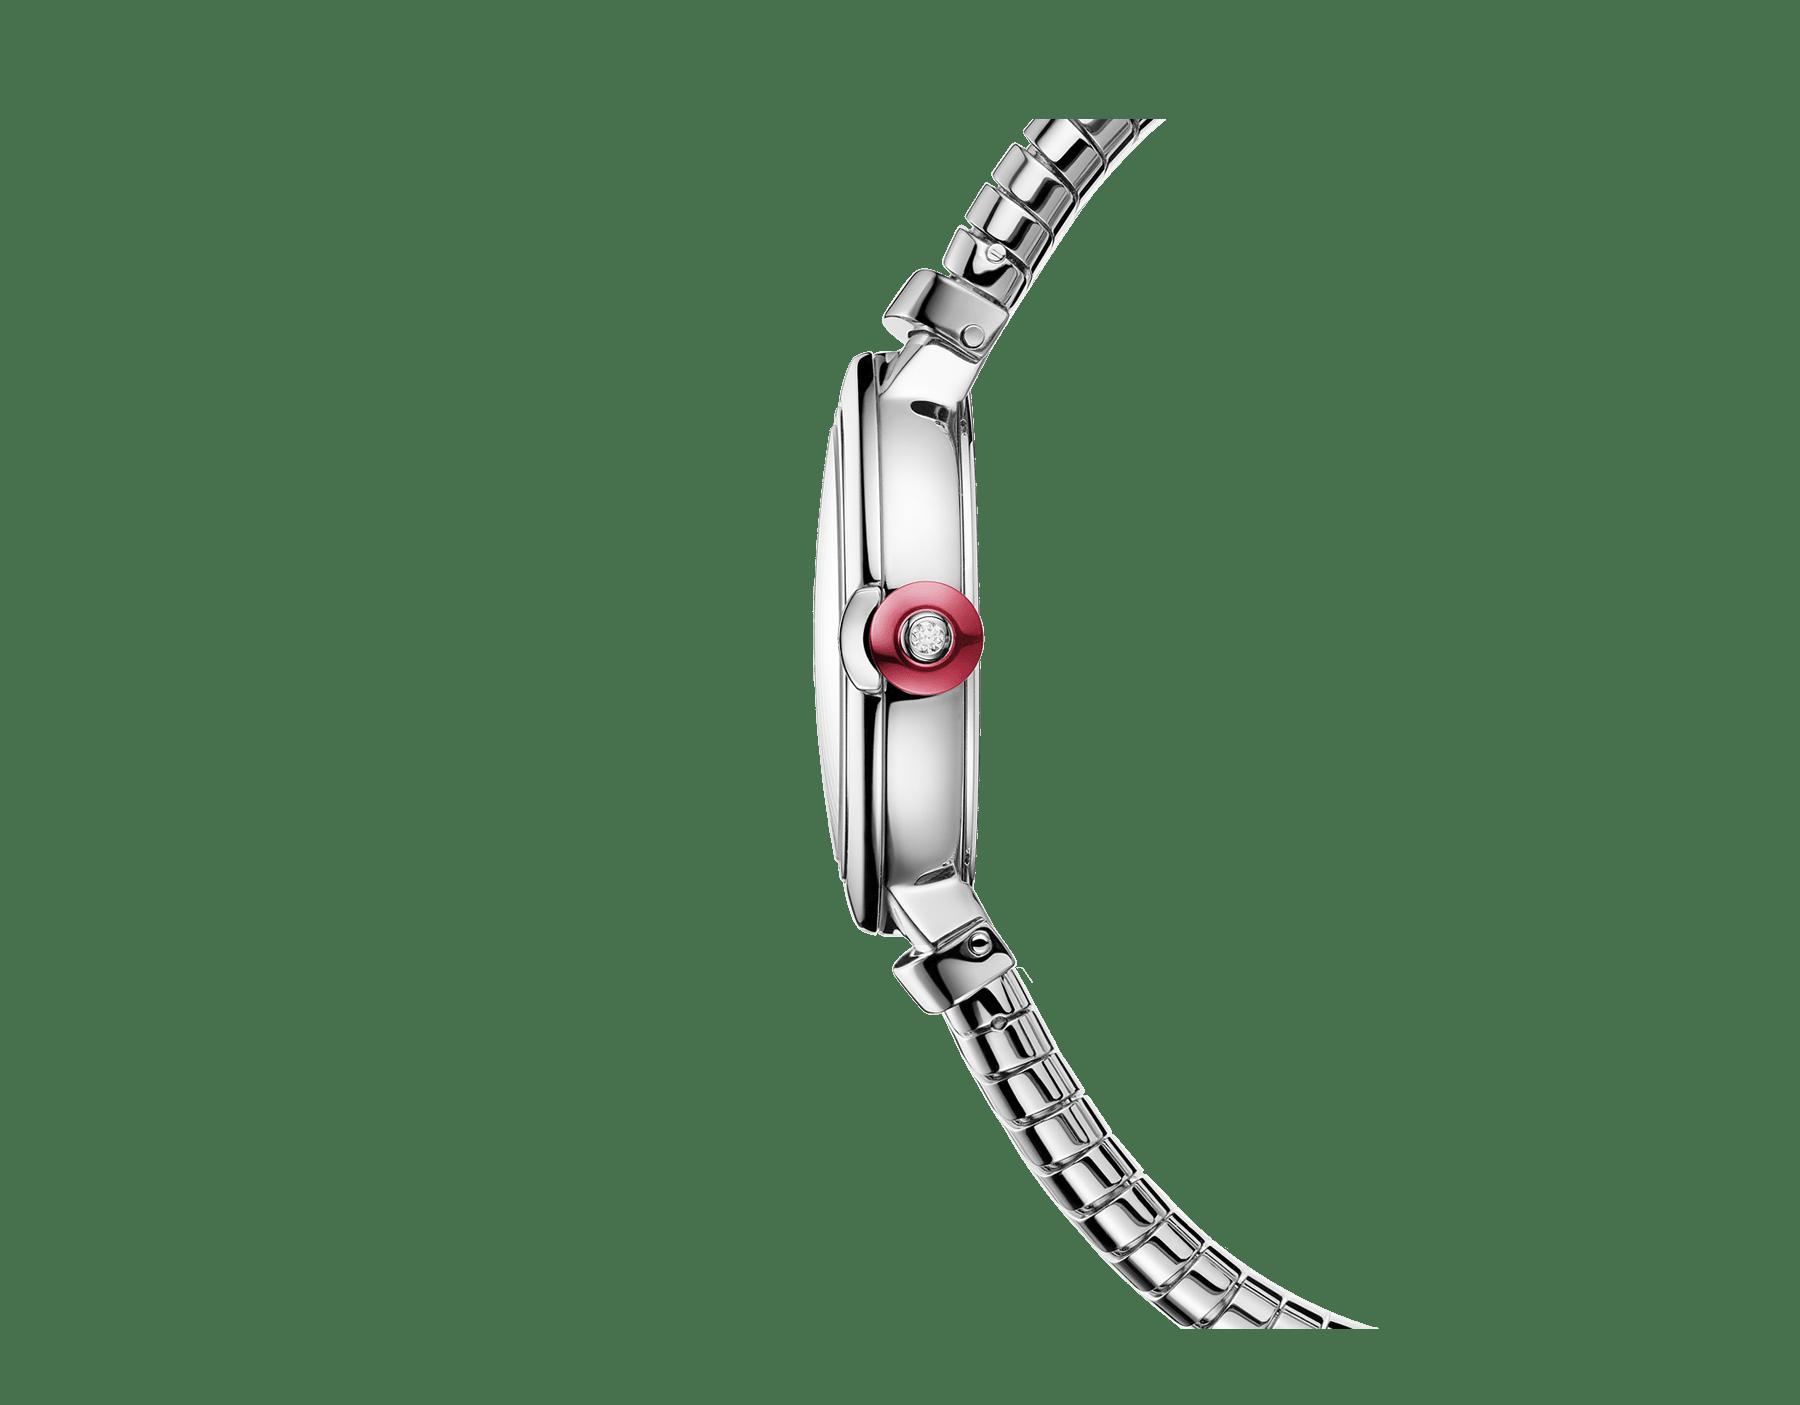 Reloj LVCEA Tubogas con caja y brazalete tubogas en acero inoxidable, esfera lacada en negro y diamantes engastados como índices. 102951 image 2